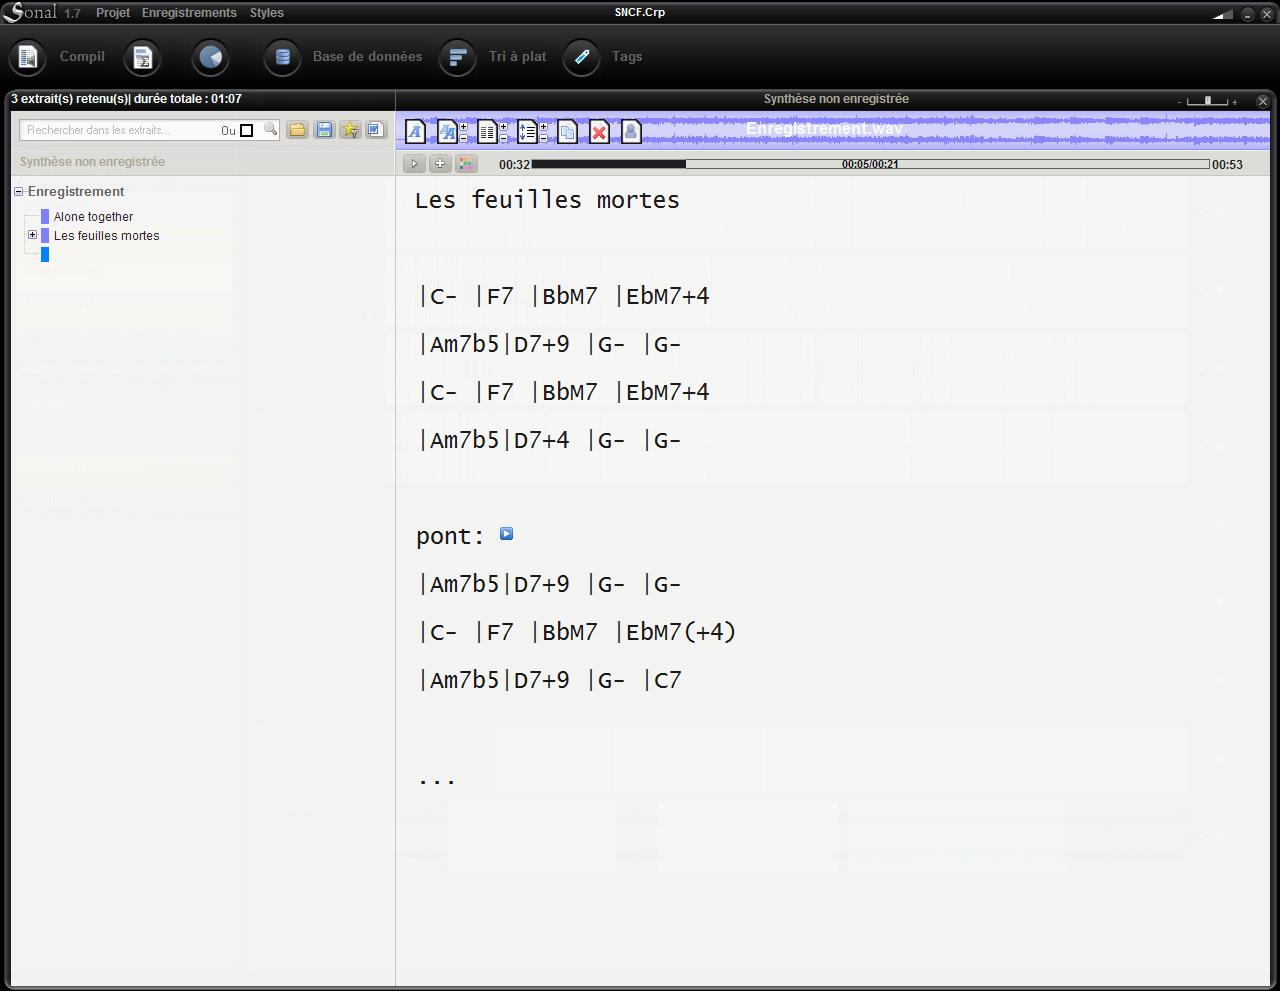 Logiciel pour couper des morceaux de musique gratuit - Logiciel pour couper musique mp3 gratuit ...